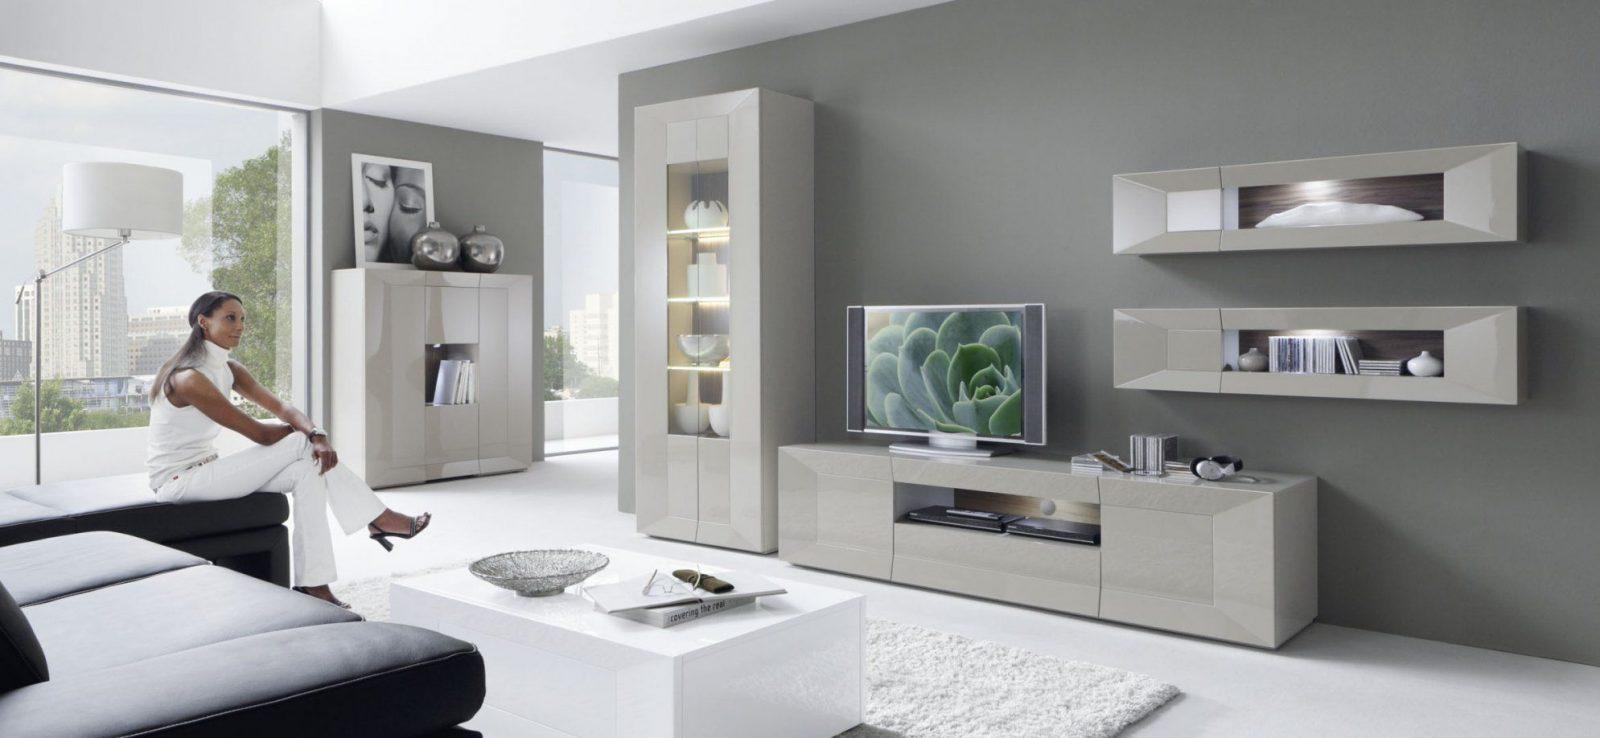 Most Interesting Wohnzimmer Bilder  Home Design Ideas von Bilder Für Wohnzimmer Kaufen Photo